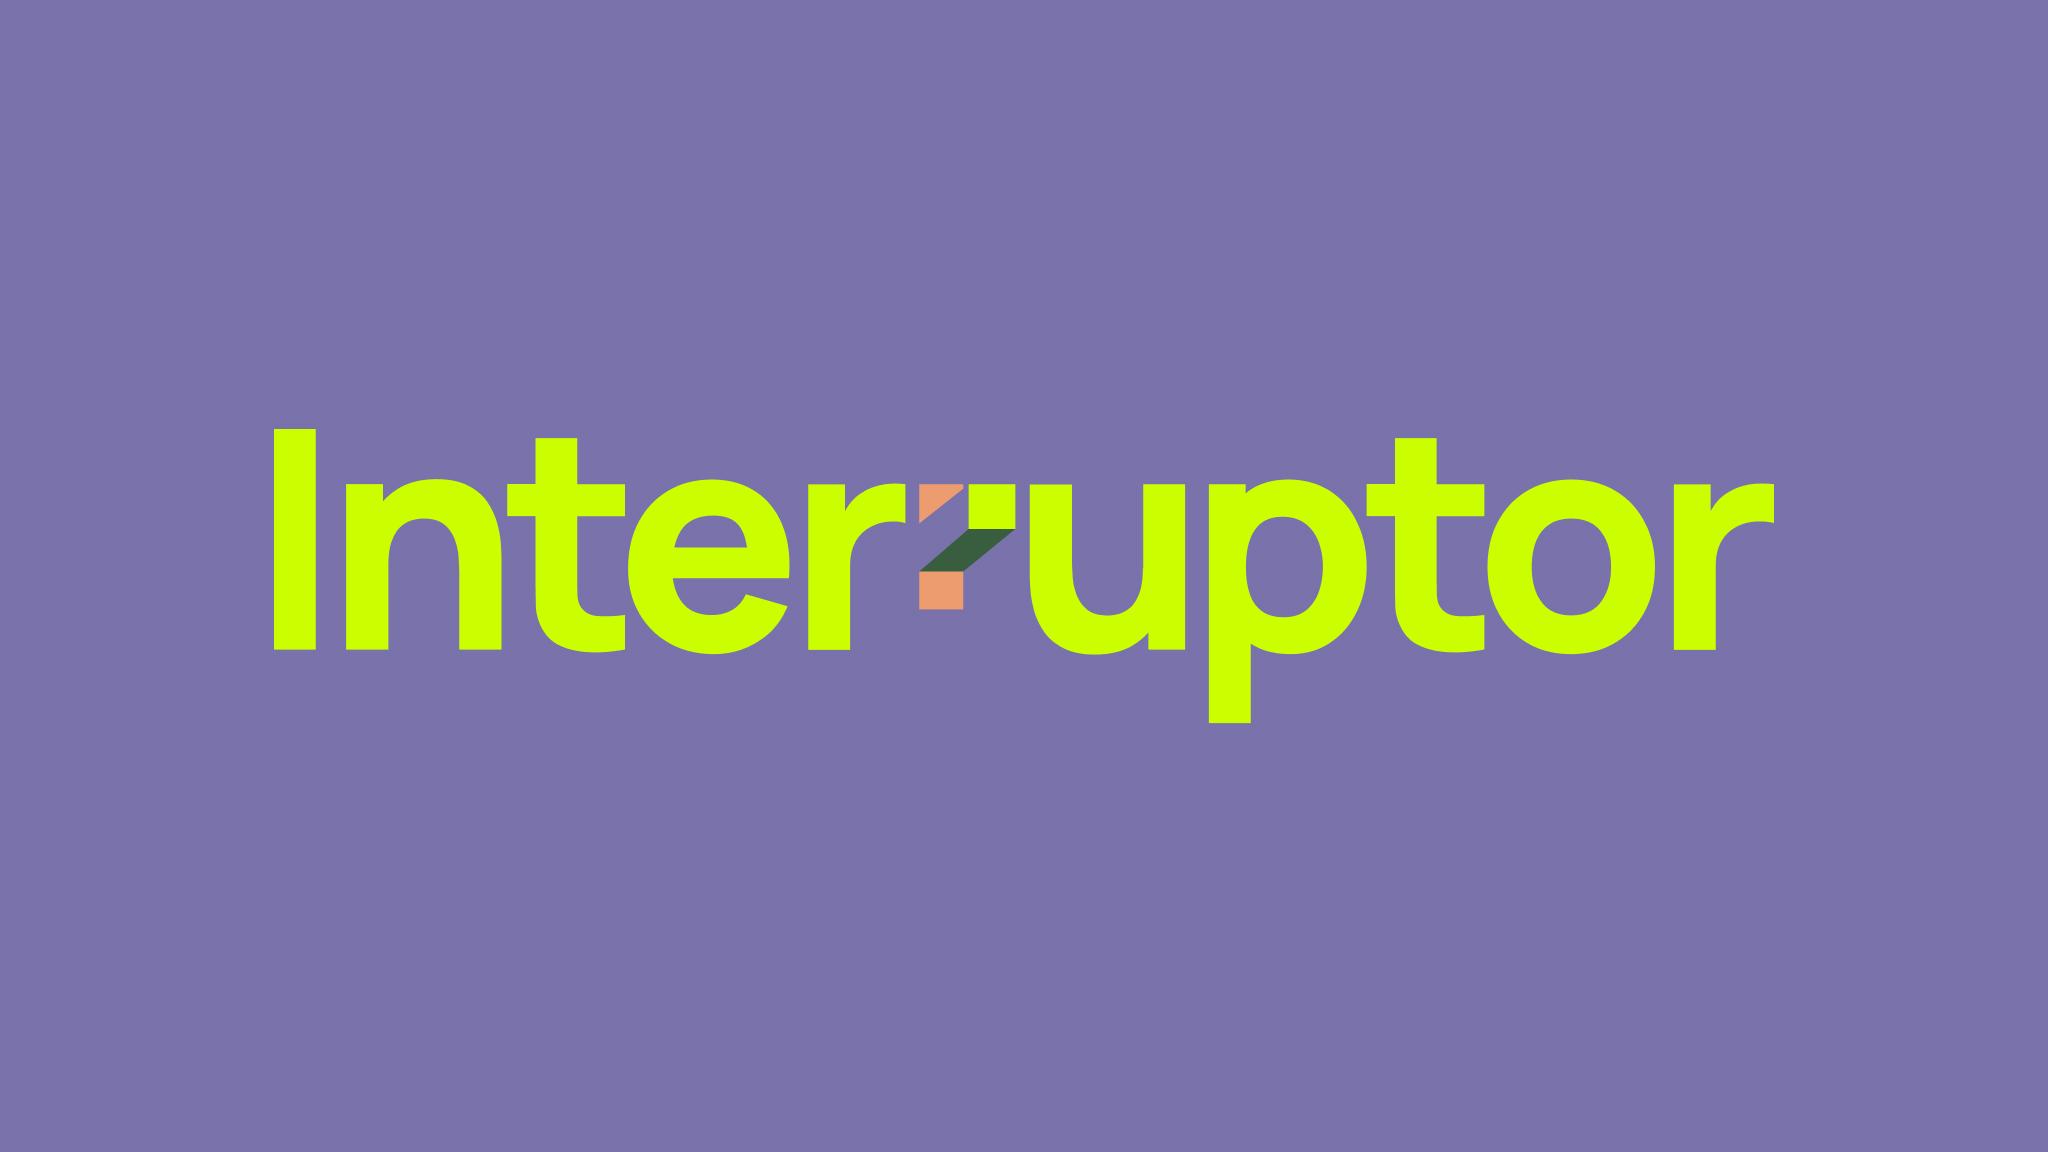 Interruptor_01